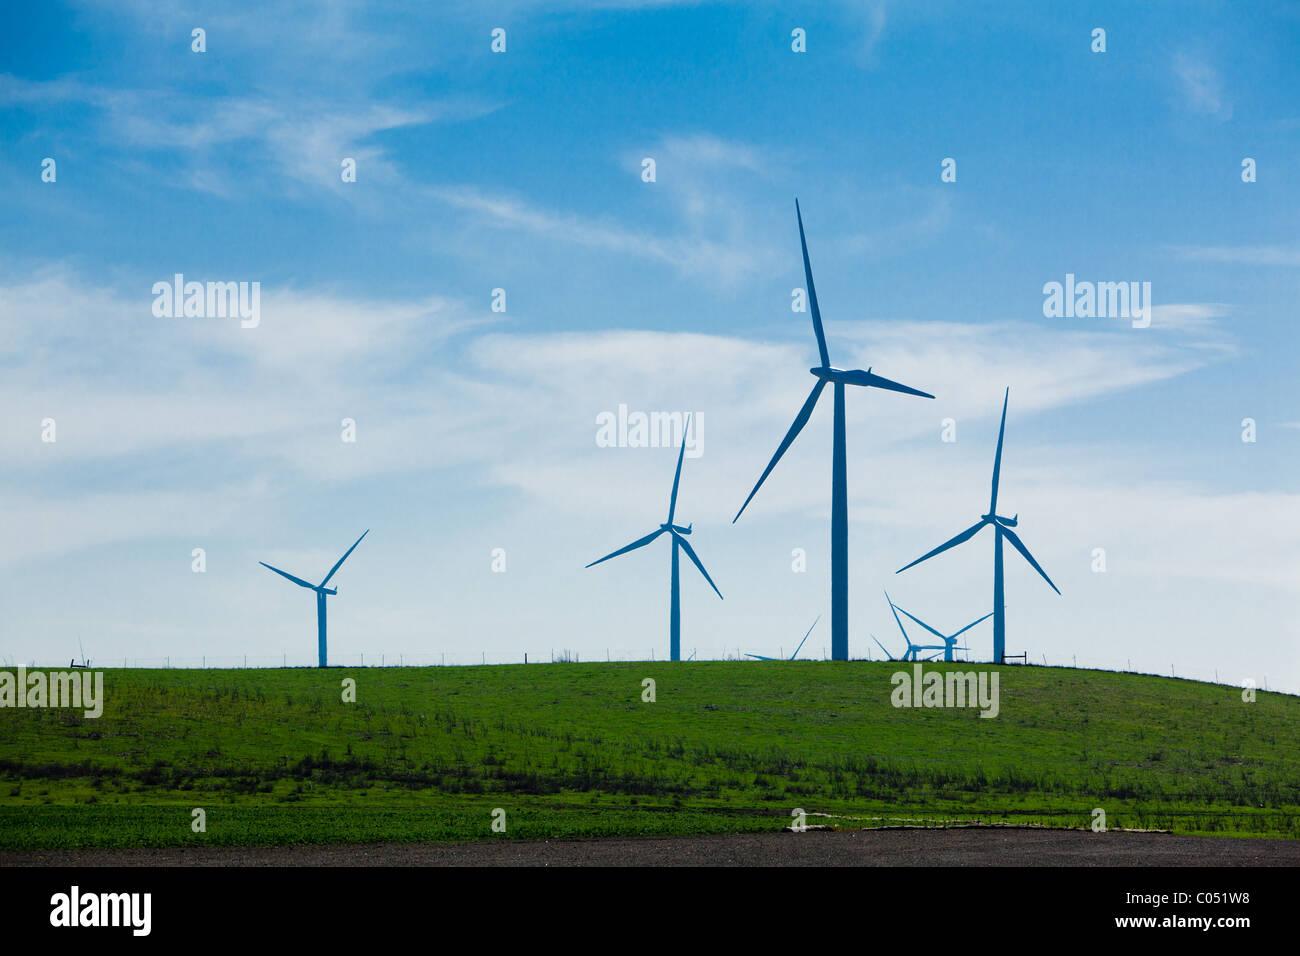 Windpark bei blauem Himmel Stockbild